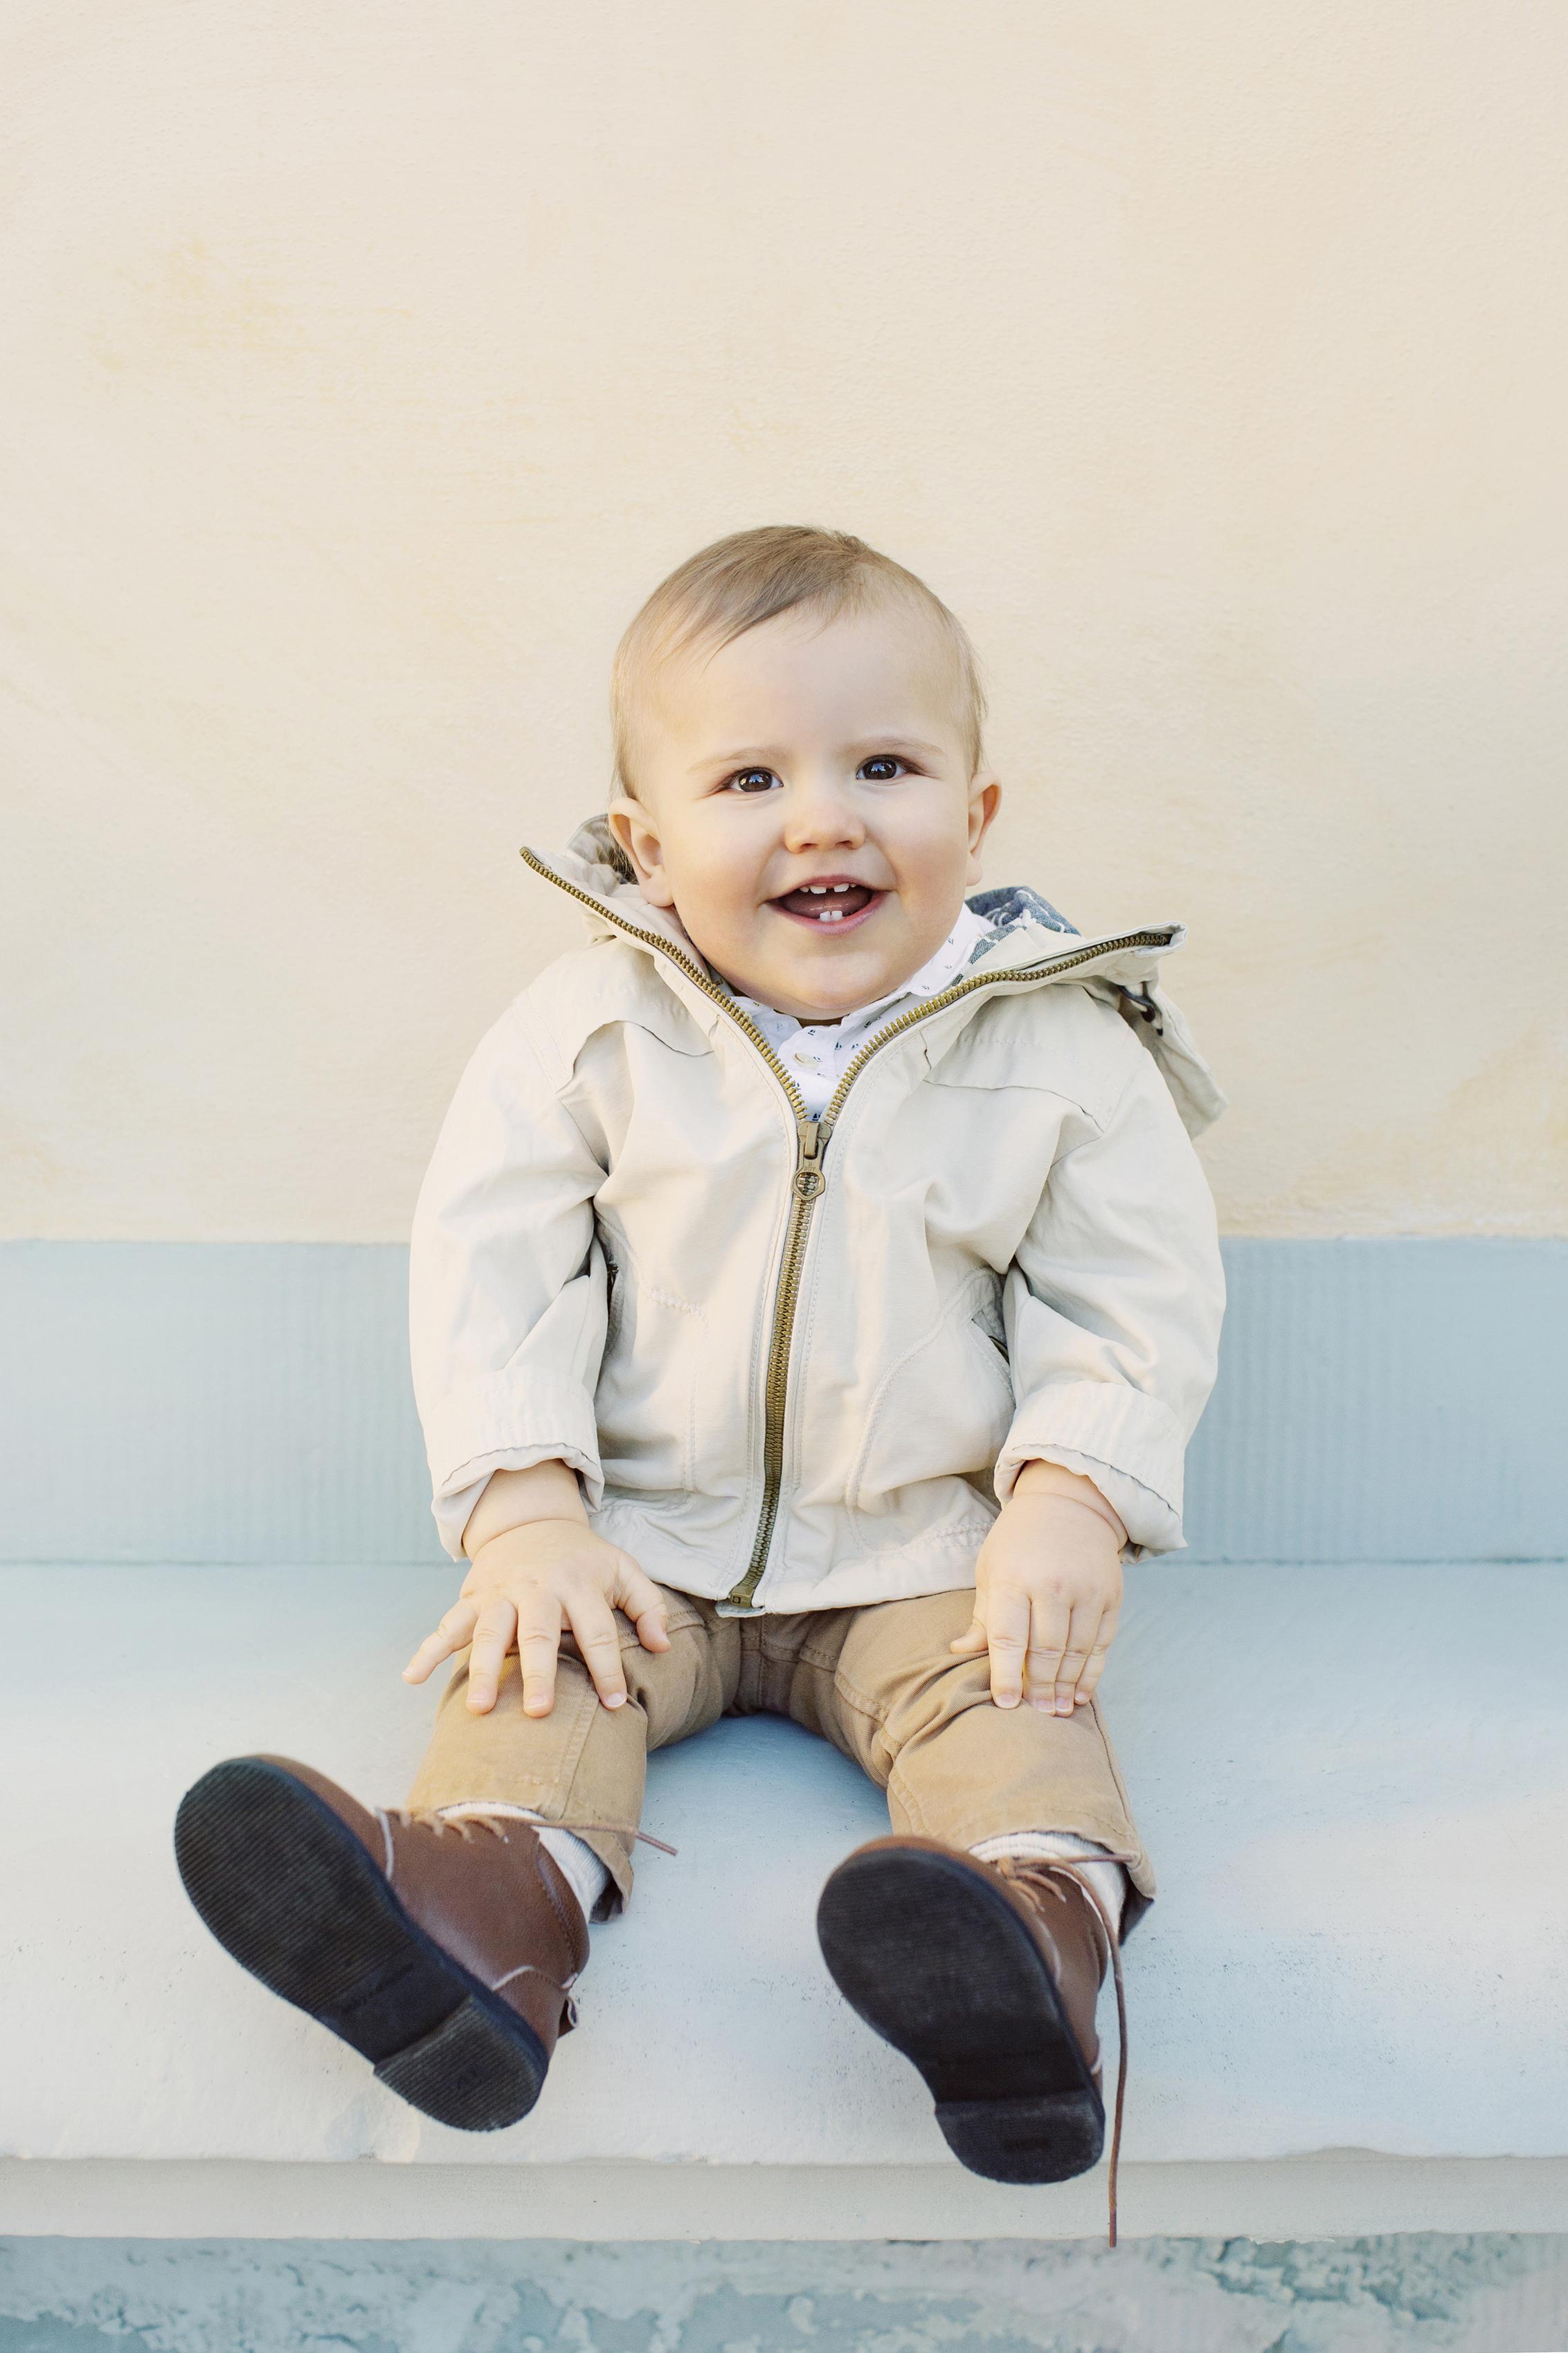 Prinz Alexander von Schweden ist nun ein großer Bruder  Foto: Kungahuset,Erika Gerdemark